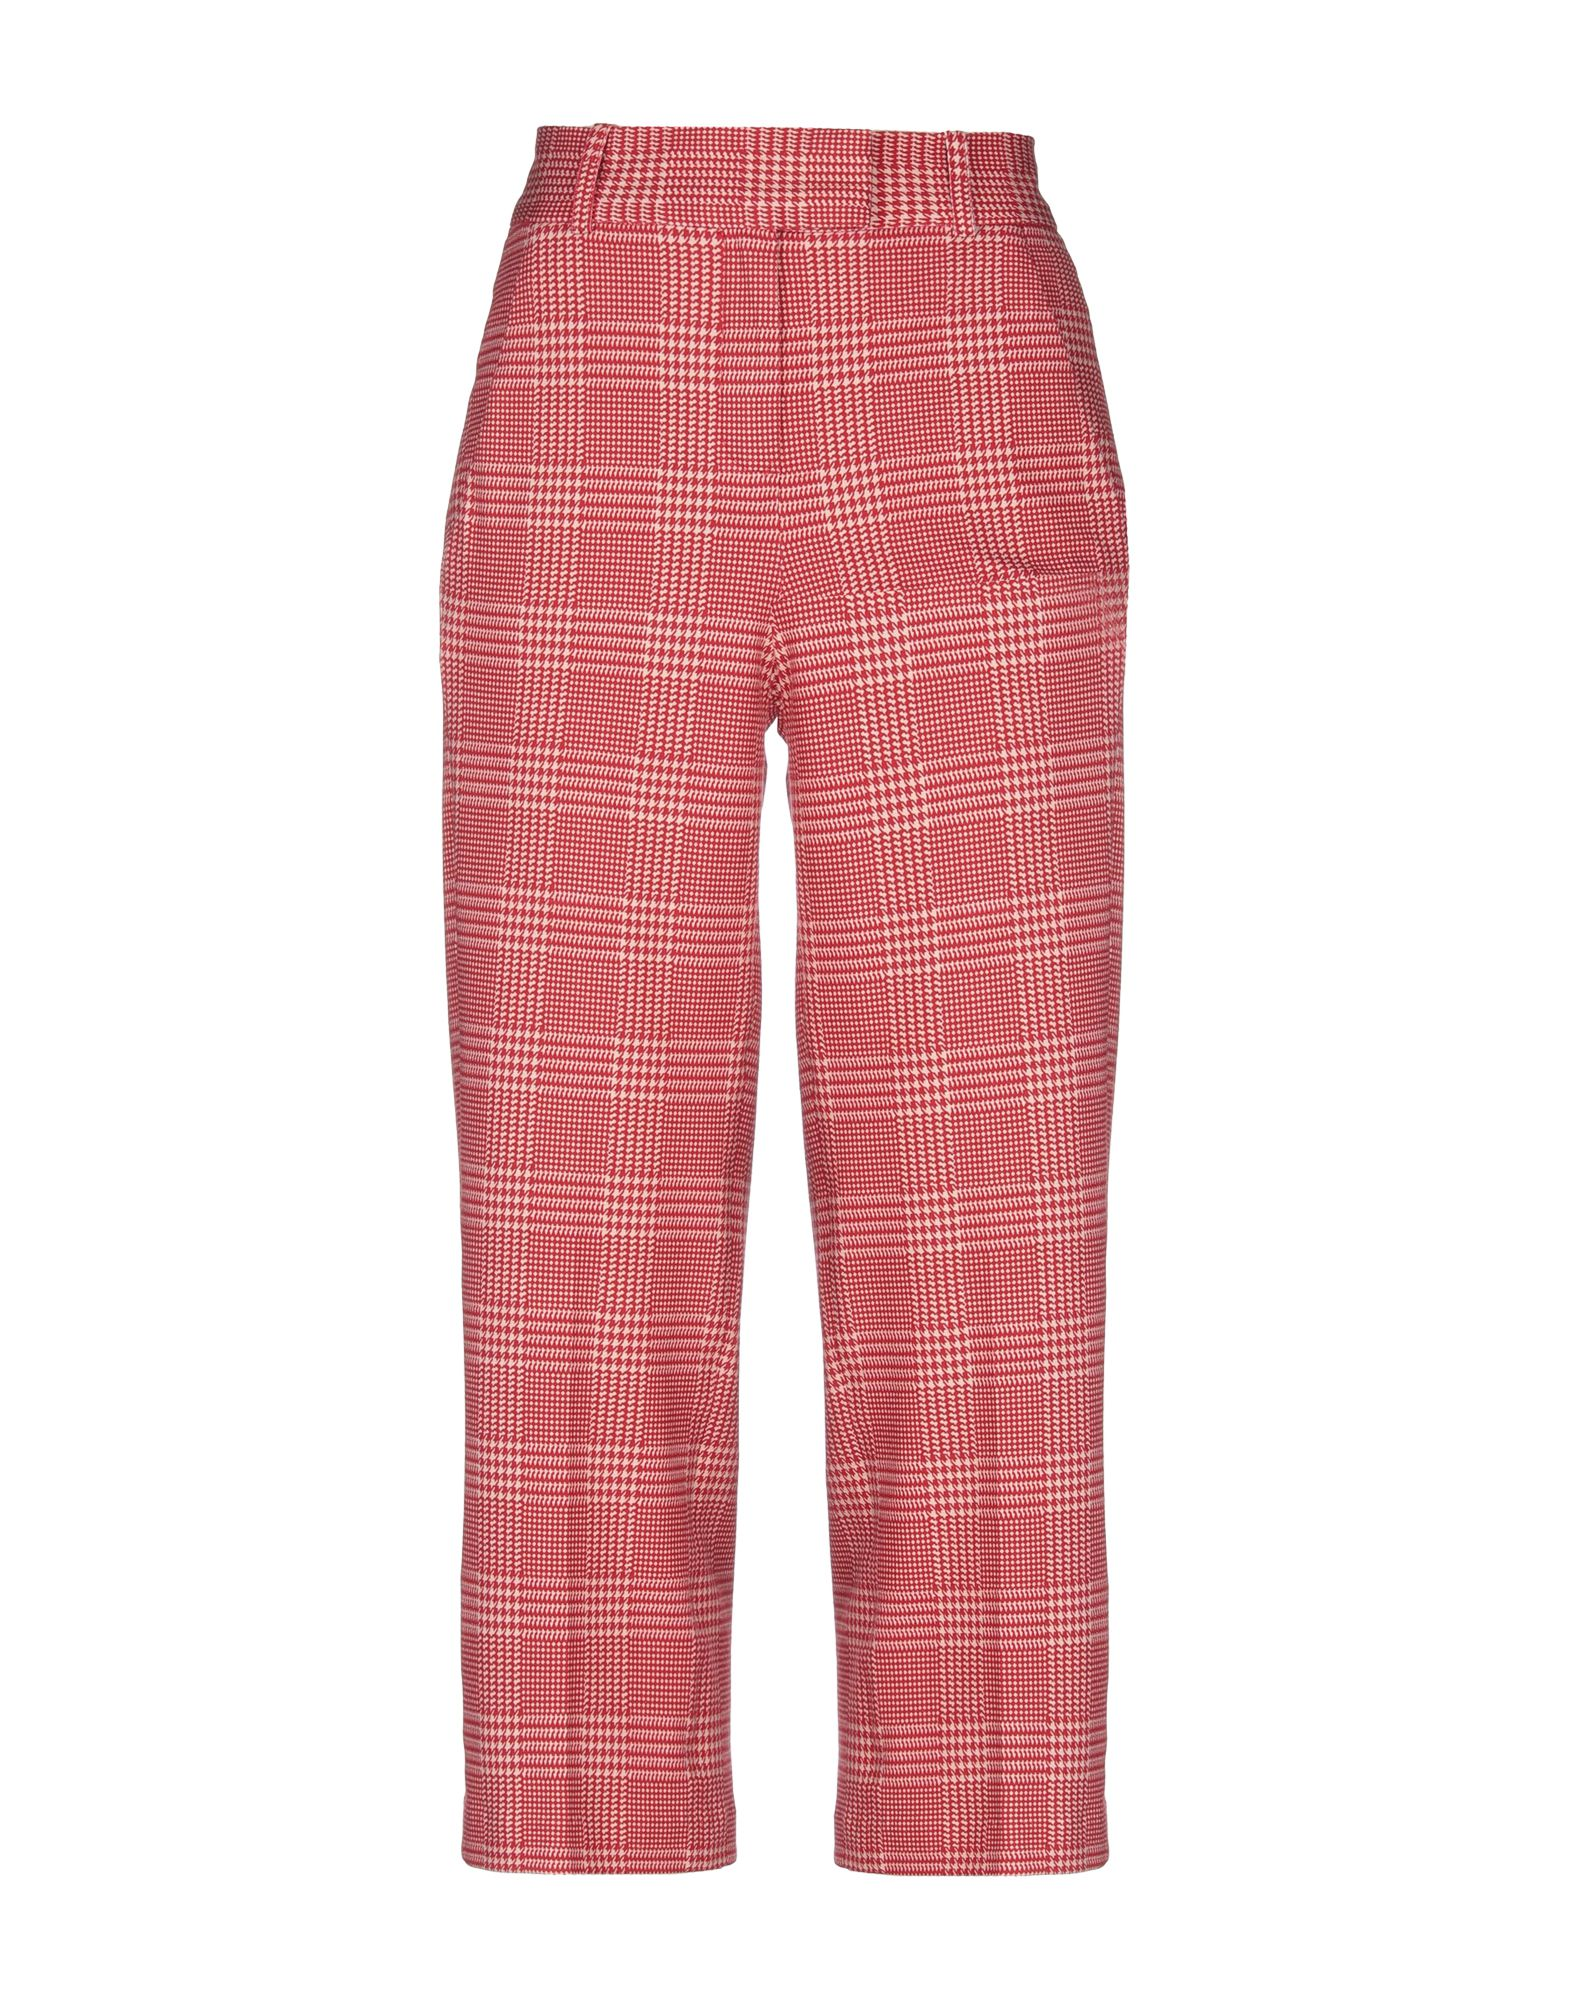 Pantalone Pantalone Classico Circolo 1901 donna - 13256681OR  kosteneffizient